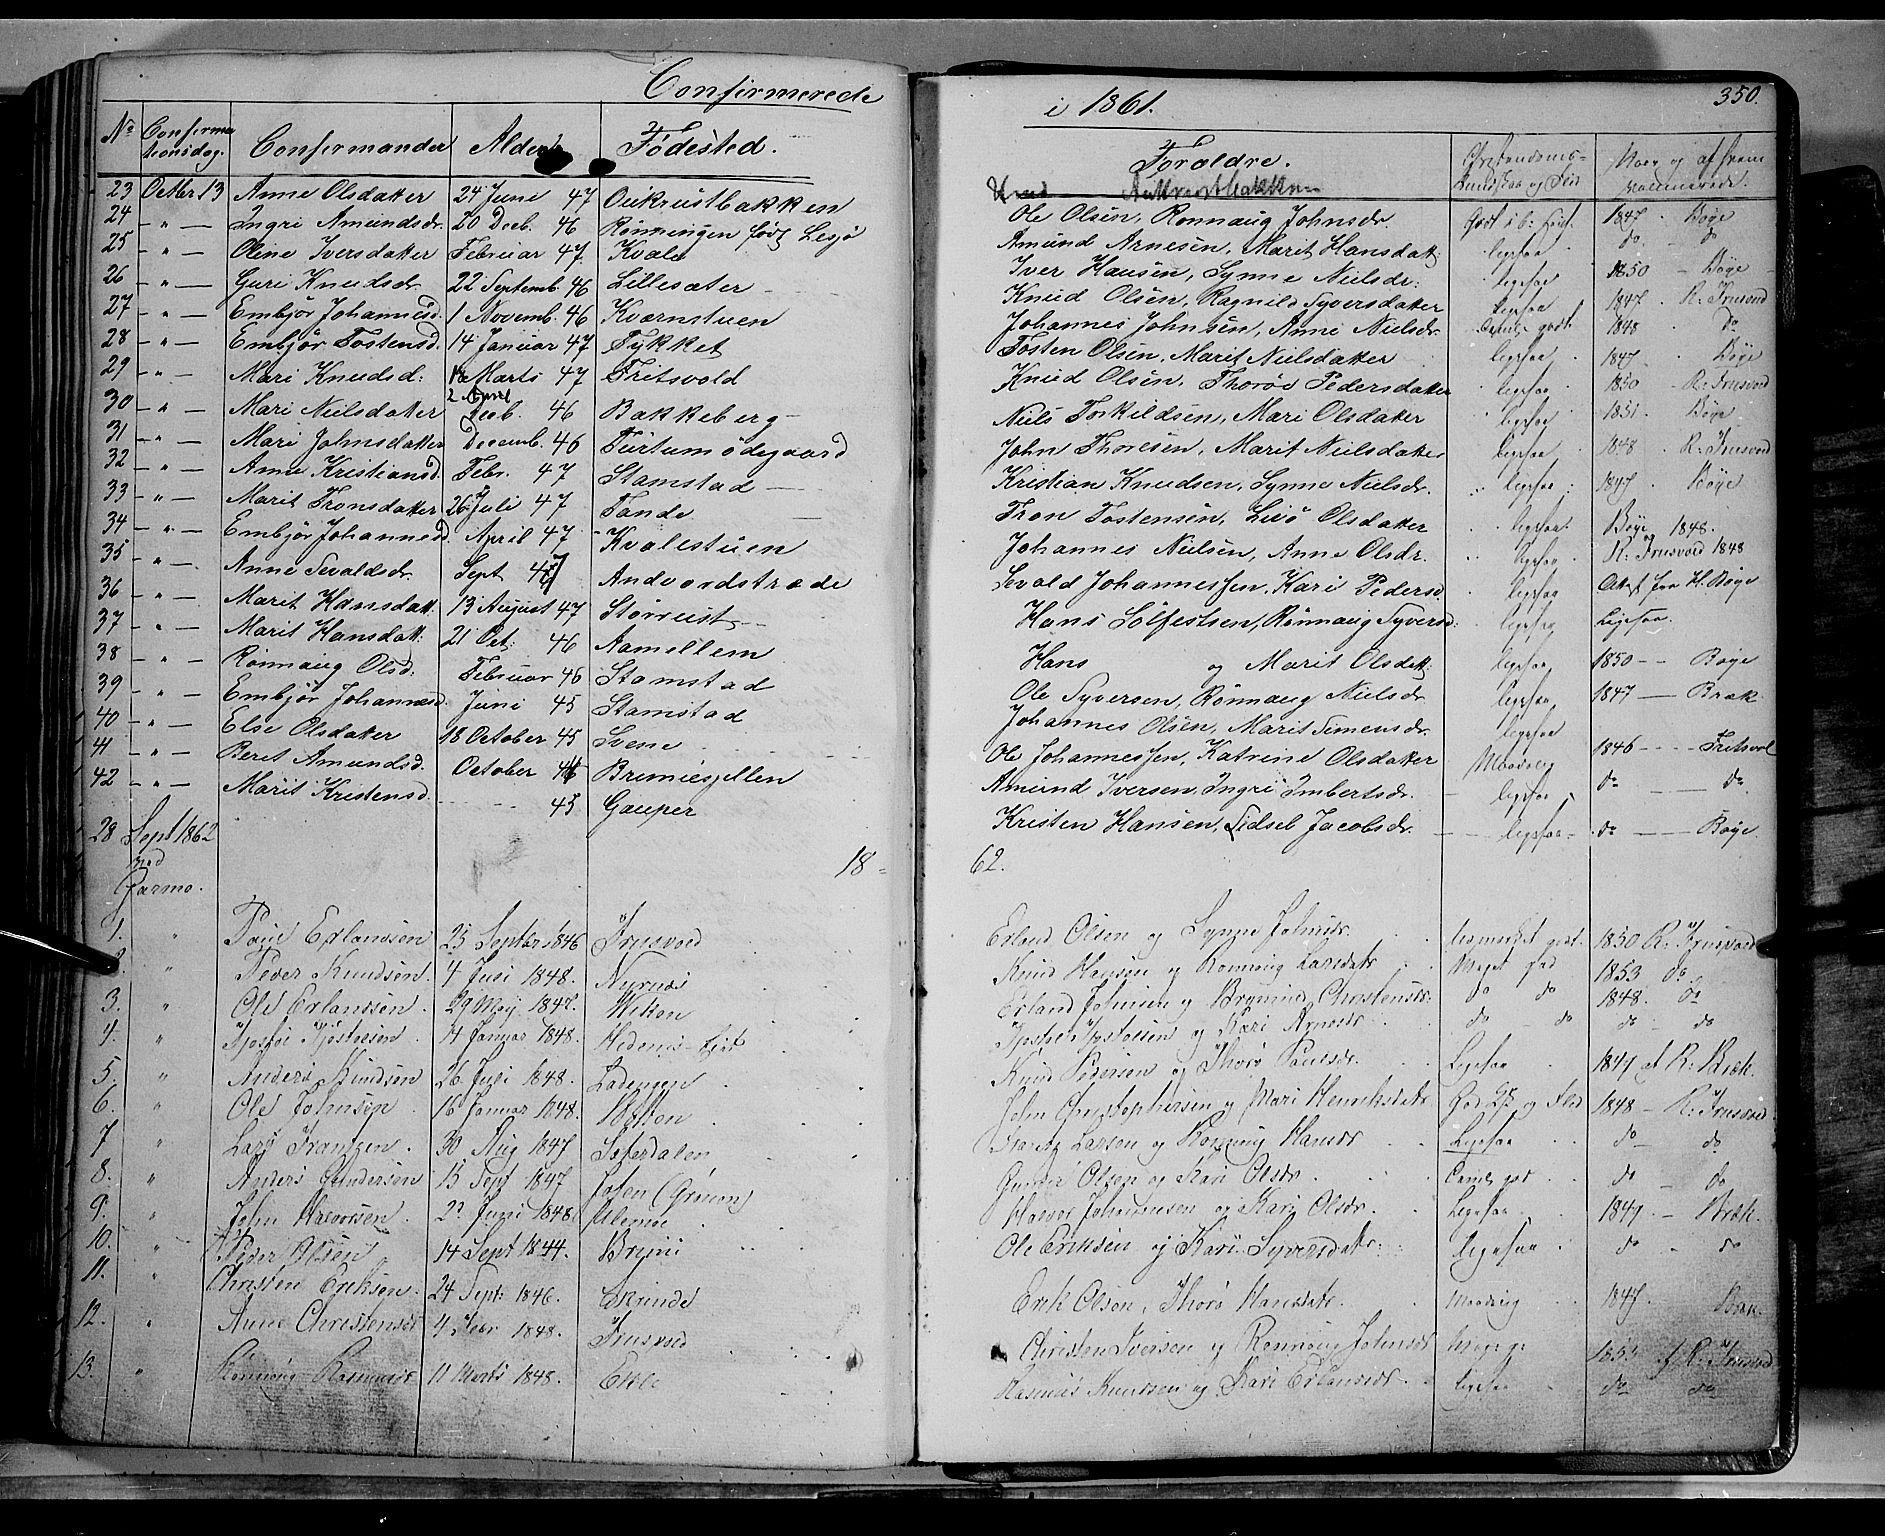 SAH, Lom prestekontor, K/L0006: Ministerialbok nr. 6A, 1837-1863, s. 350